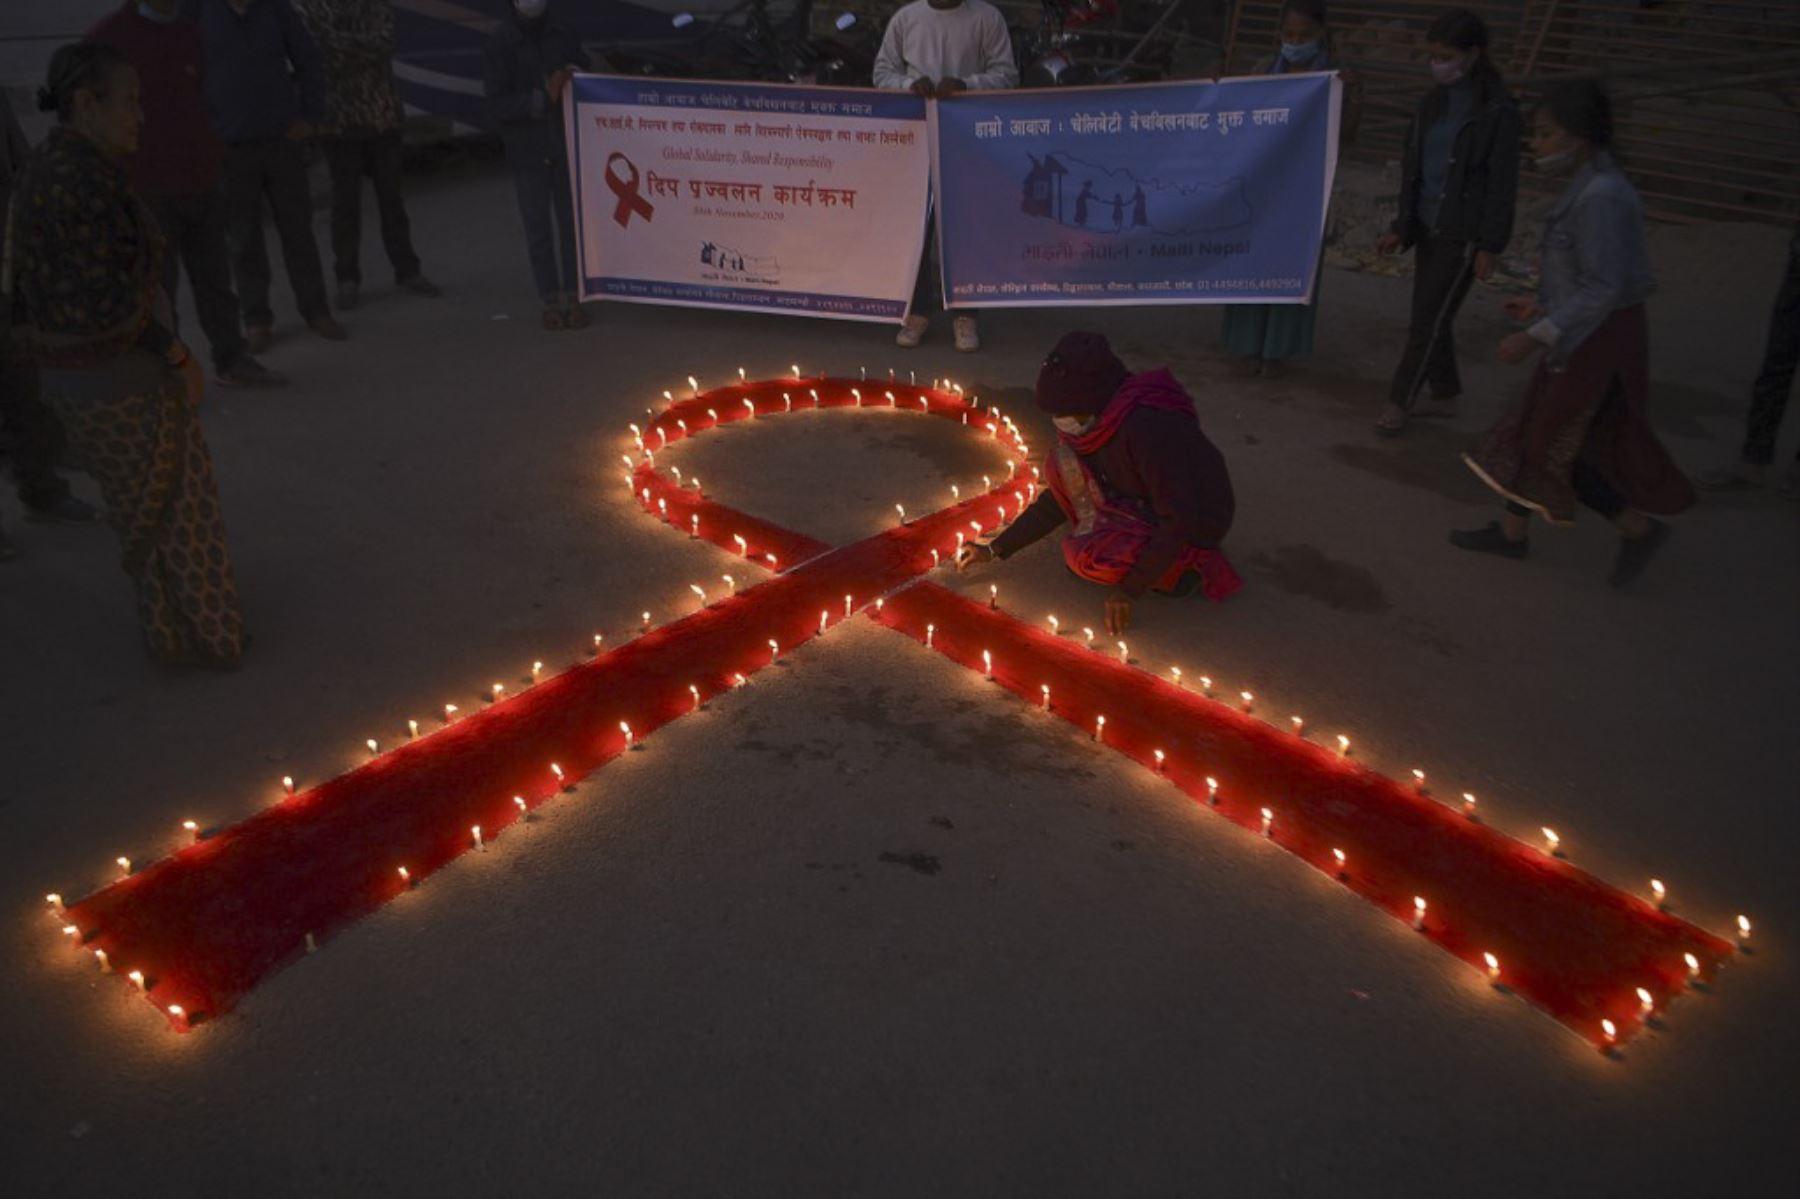 Un voluntario enciende velas en forma de lazo rojo durante un evento de sensibilización en la víspera del Día Mundial del SIDA, en Katmandú. Foto: AFP